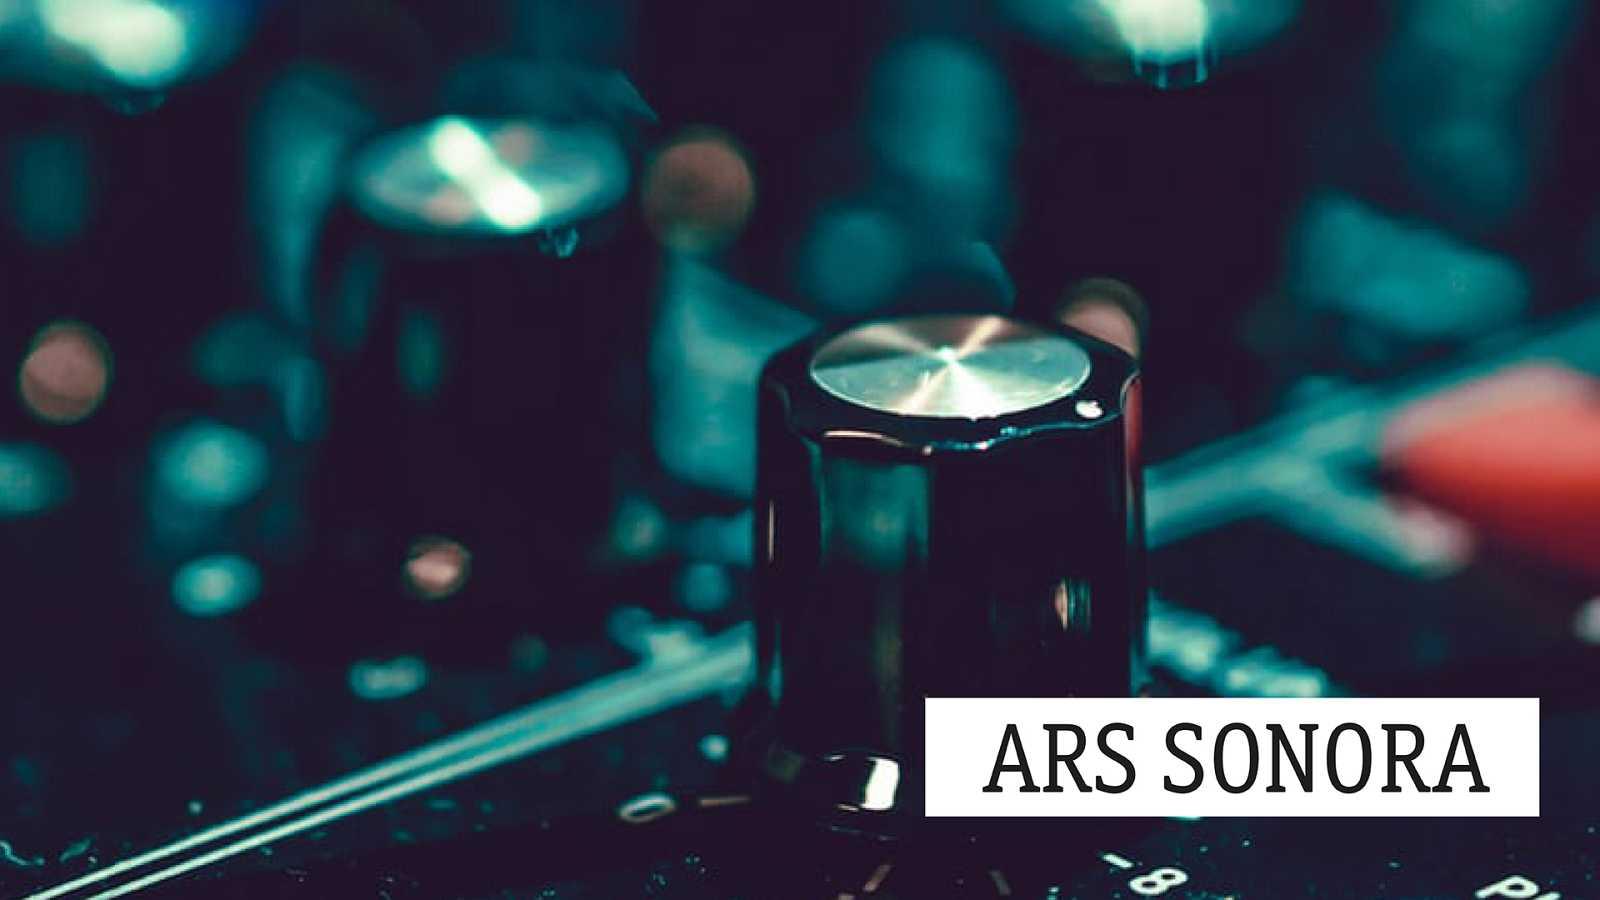 Ars sonora - A la escucha del virus, VIII (paseos por ciudades otras) - 13/06/20 - escuchar ahora